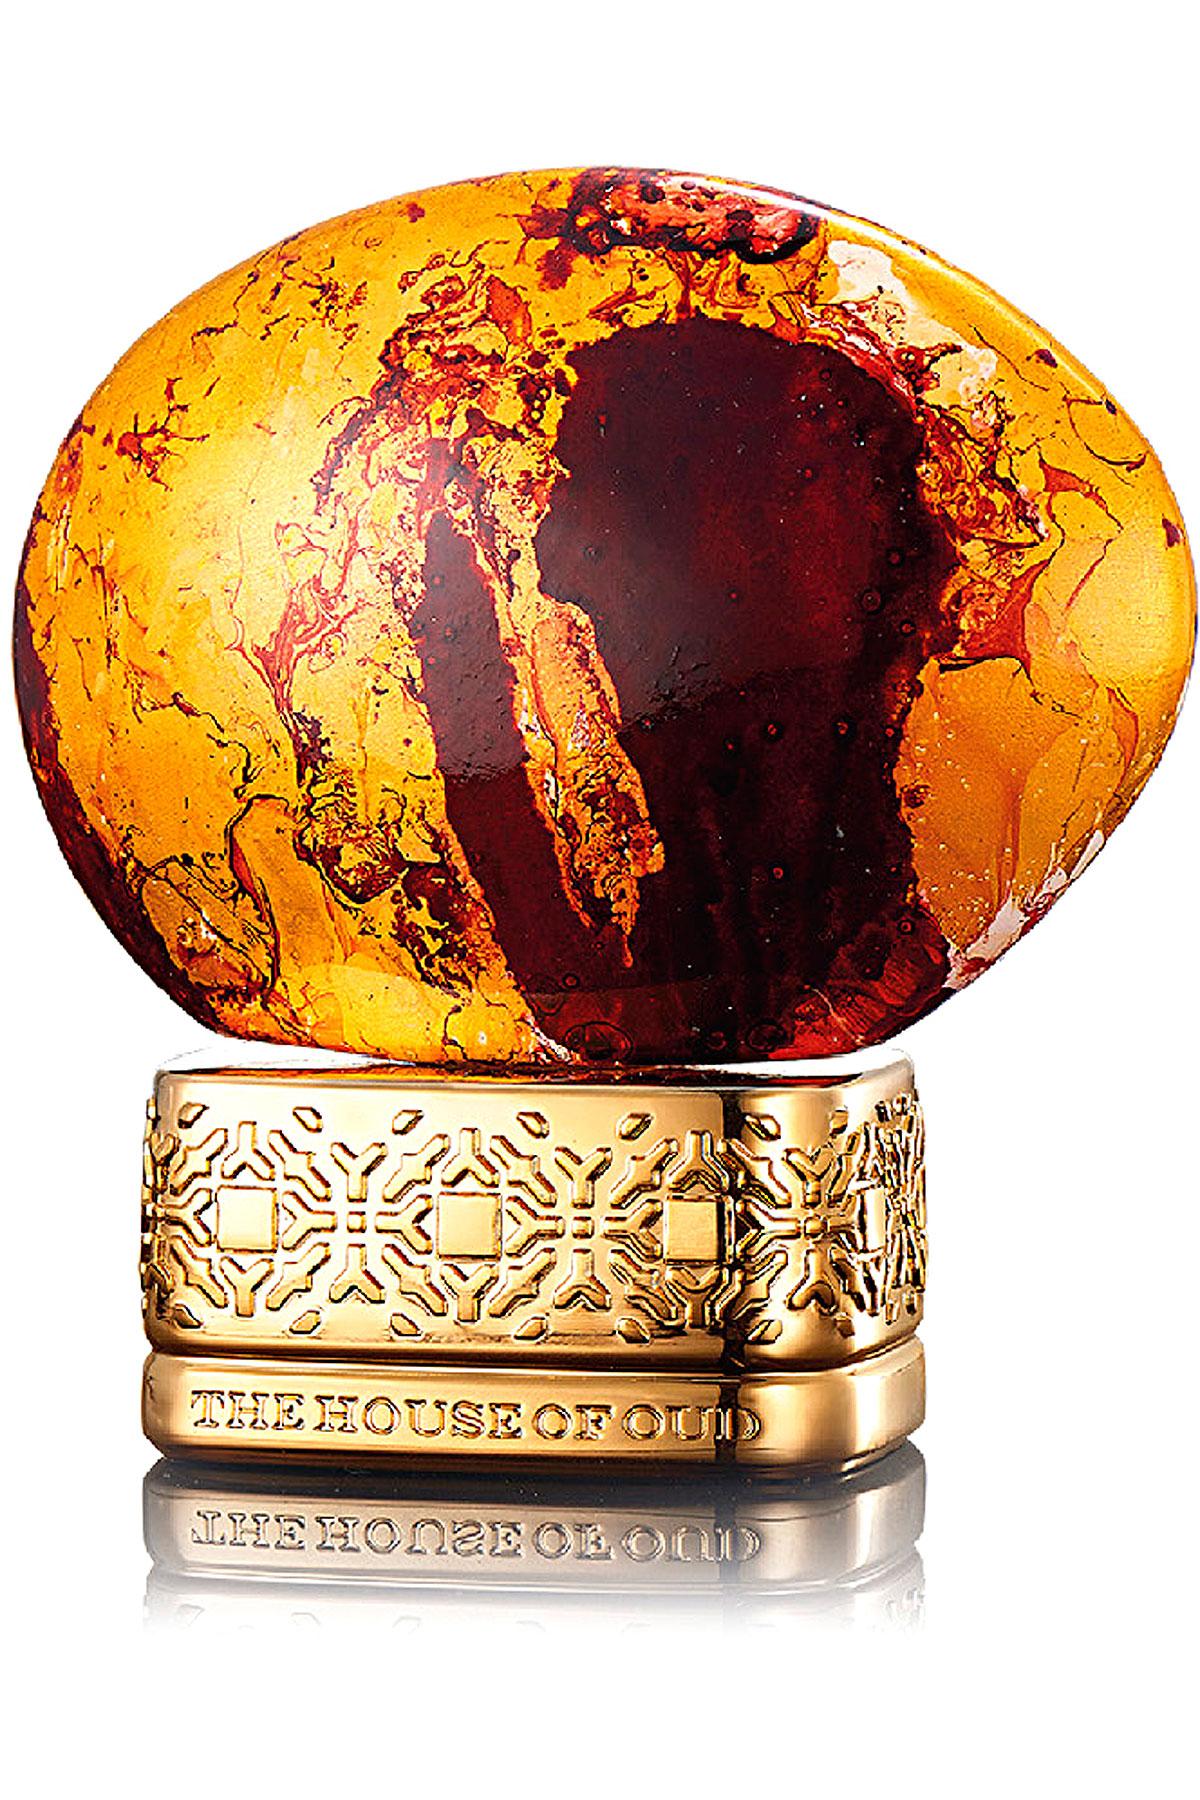 The House Of Oud Fragrances for Men, Klem Garden Collection - Almond Harmony - Eau De Parfum - 75 Ml, 2019, 75 ml